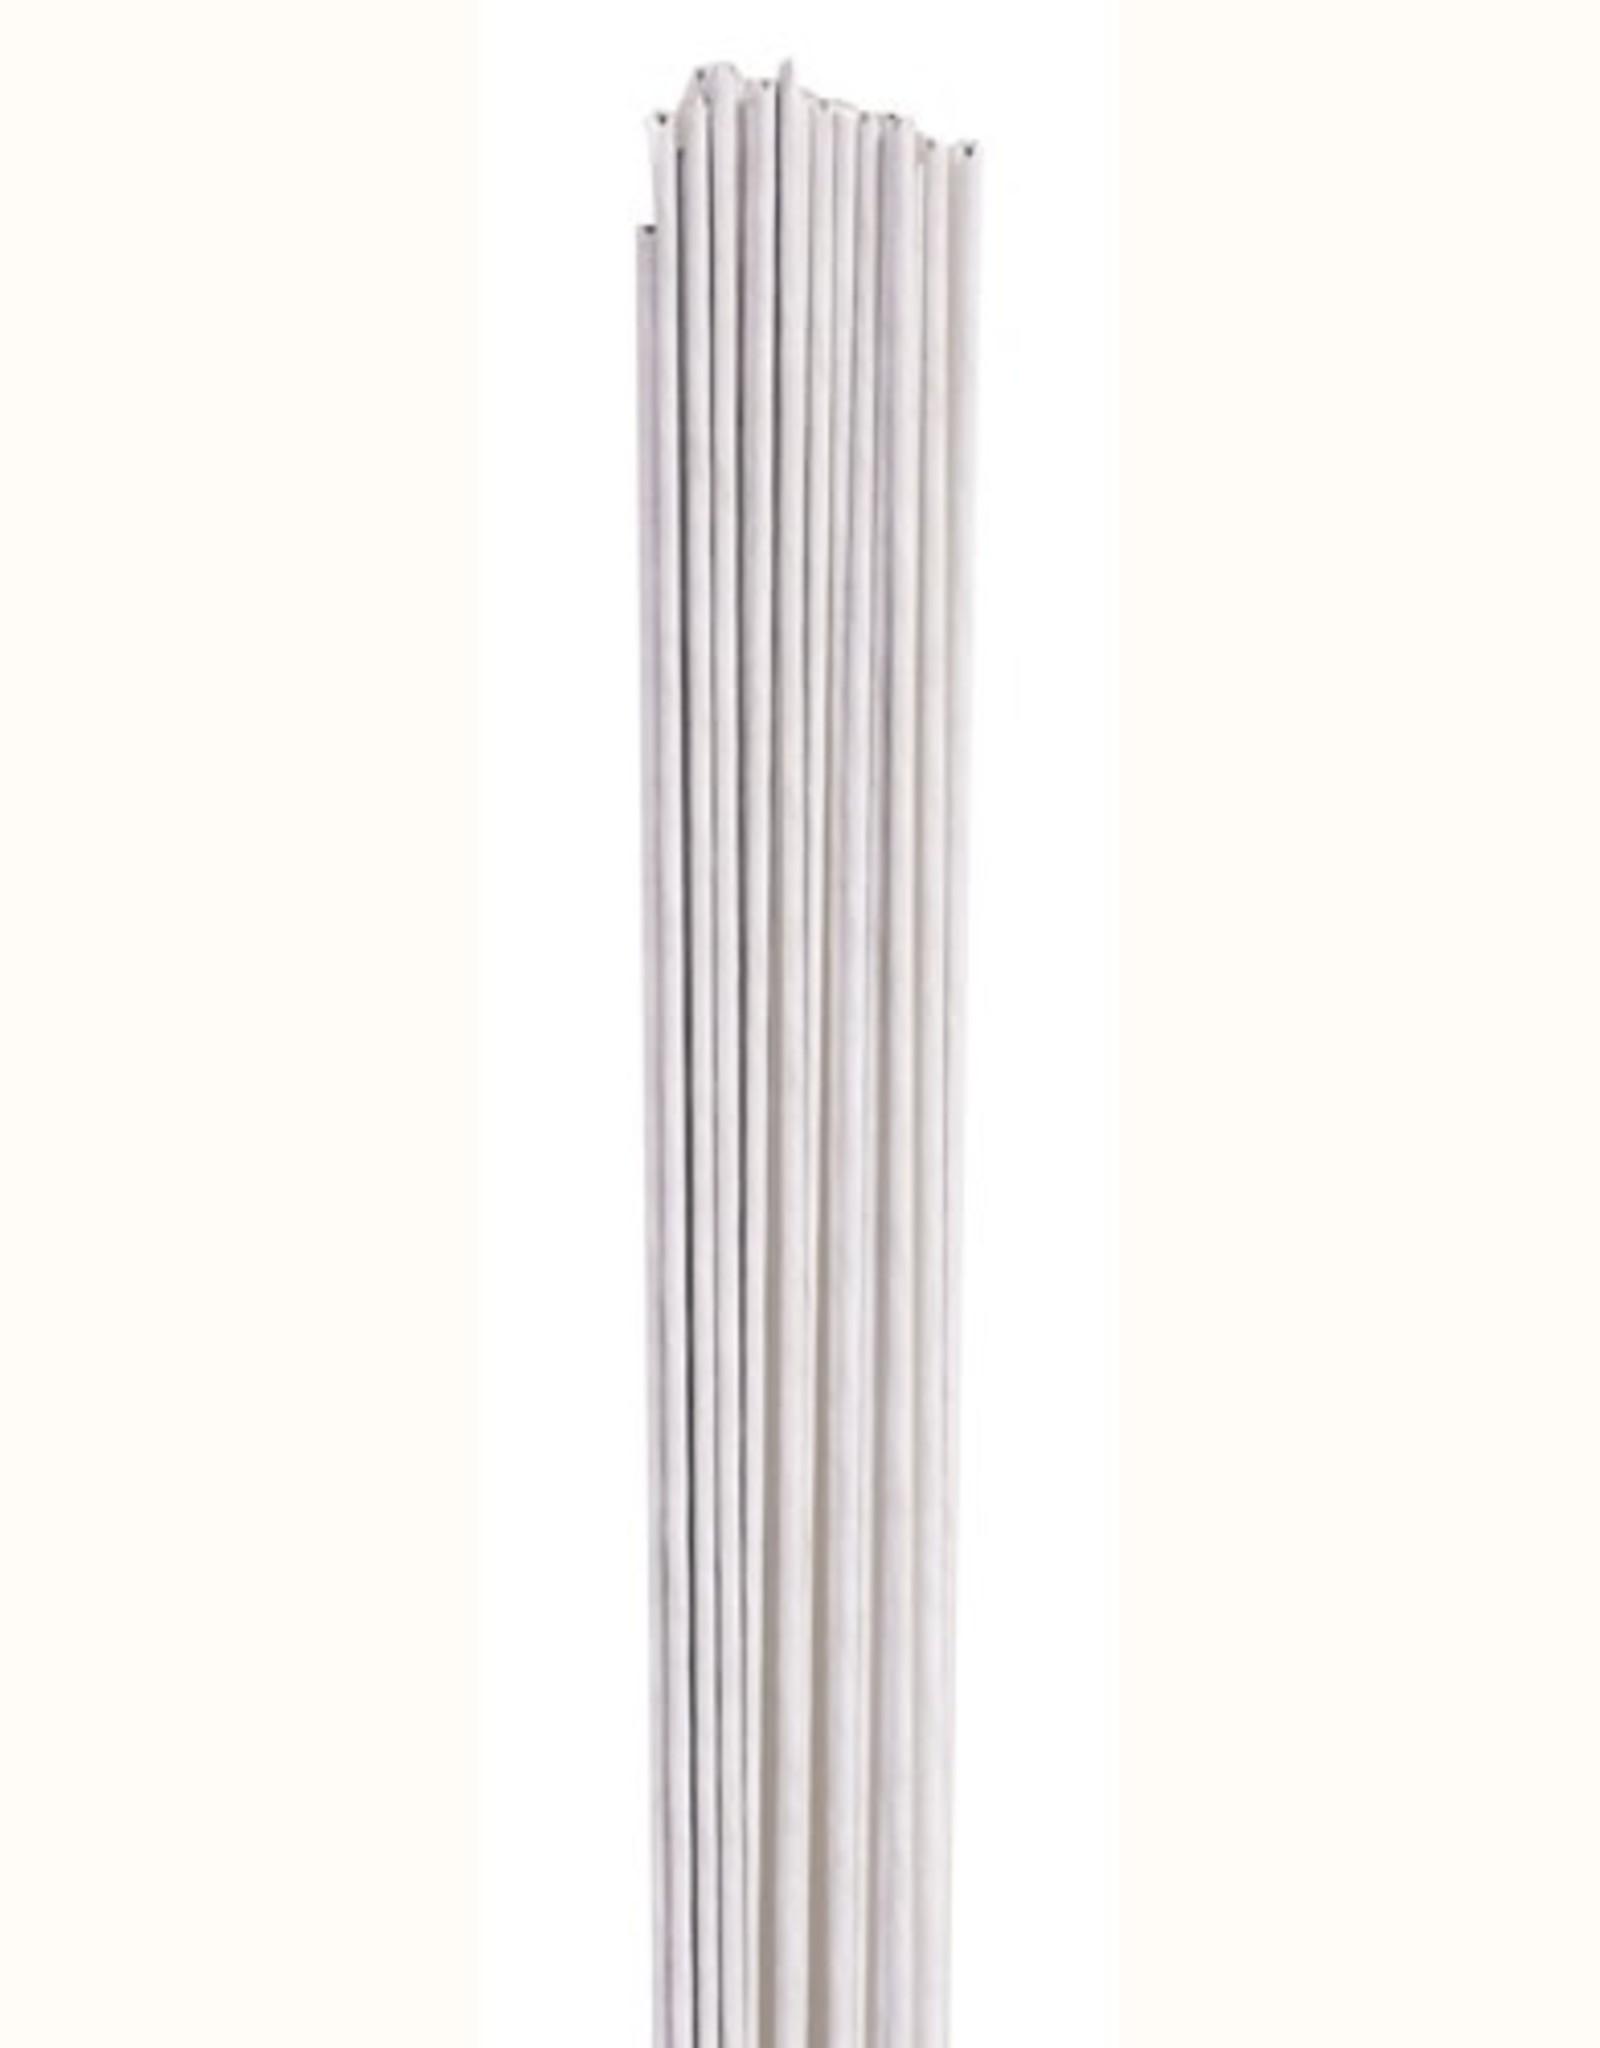 Culpitt Culpitt Floral Wire White set/20 -18 gauge-